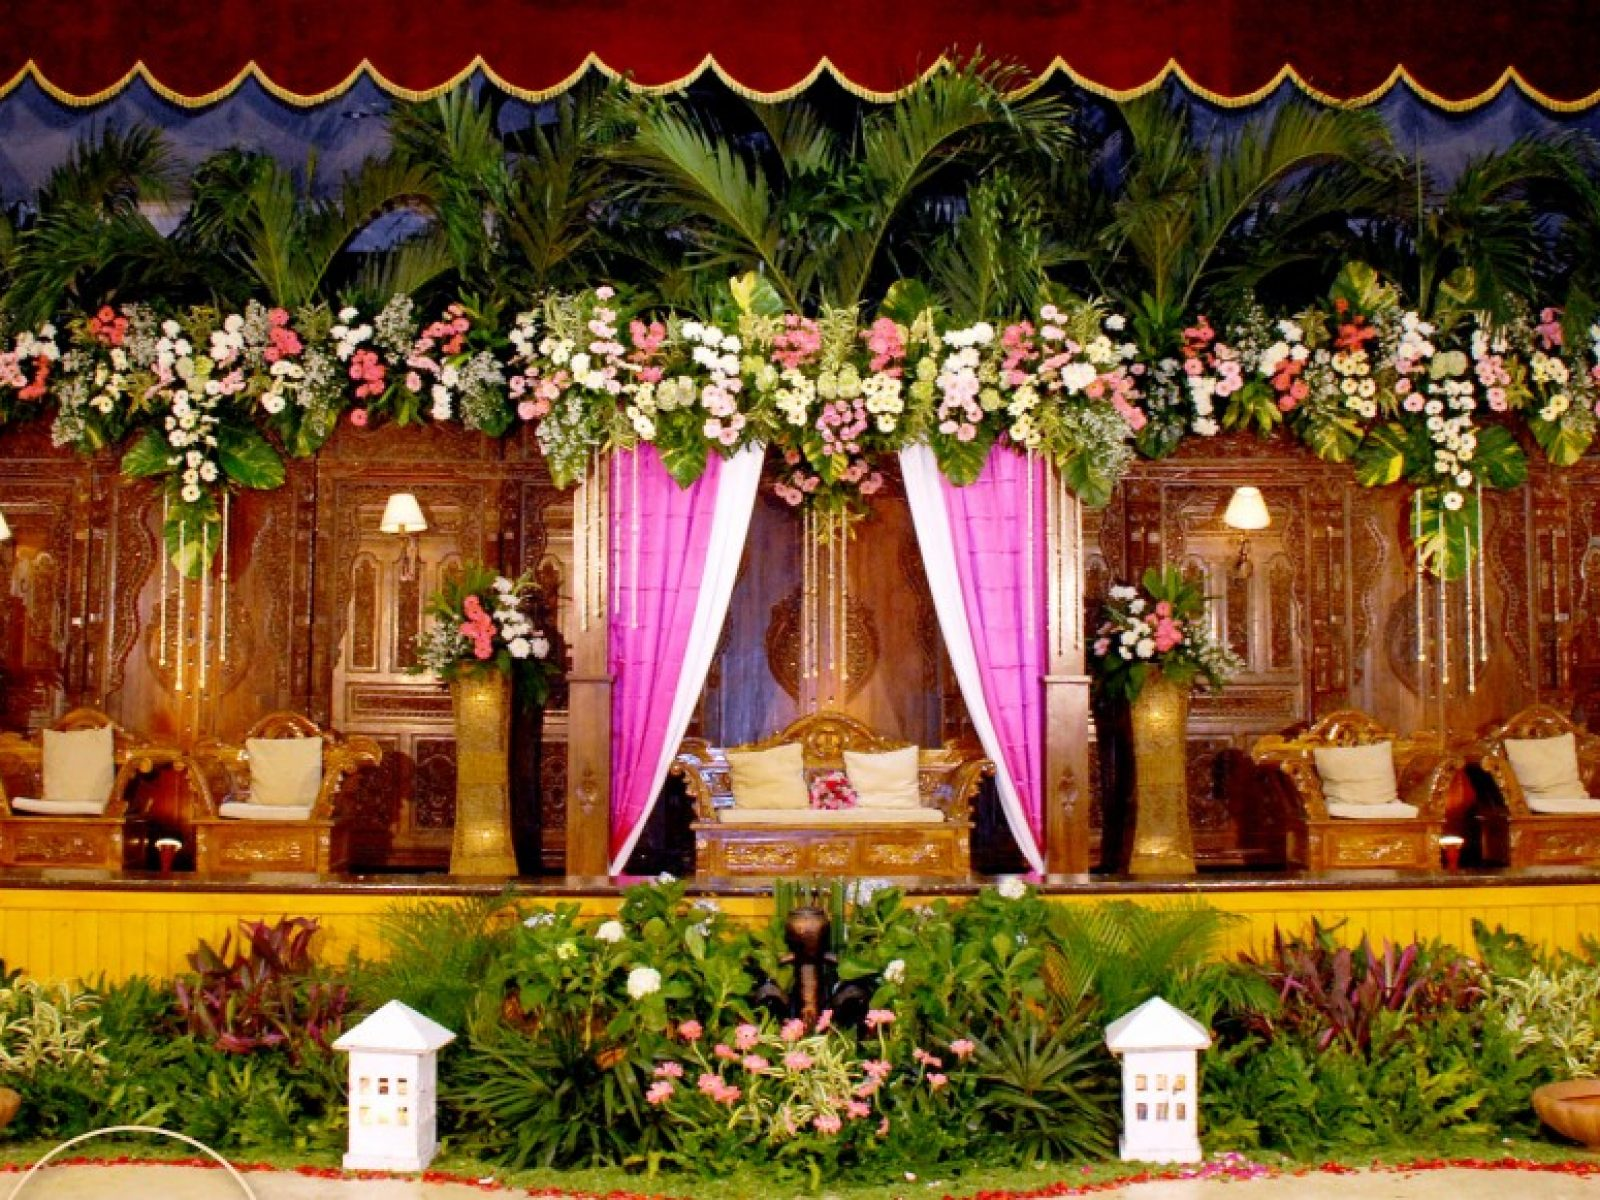 Rumah Safa menyediakan berbagai dekorasi adat, mulai dari dekorasi Adat Jawa, Adat Betawi, Adat Minang, Adat Tapanuli Selatan, Adat Bugis, dan lain-lain